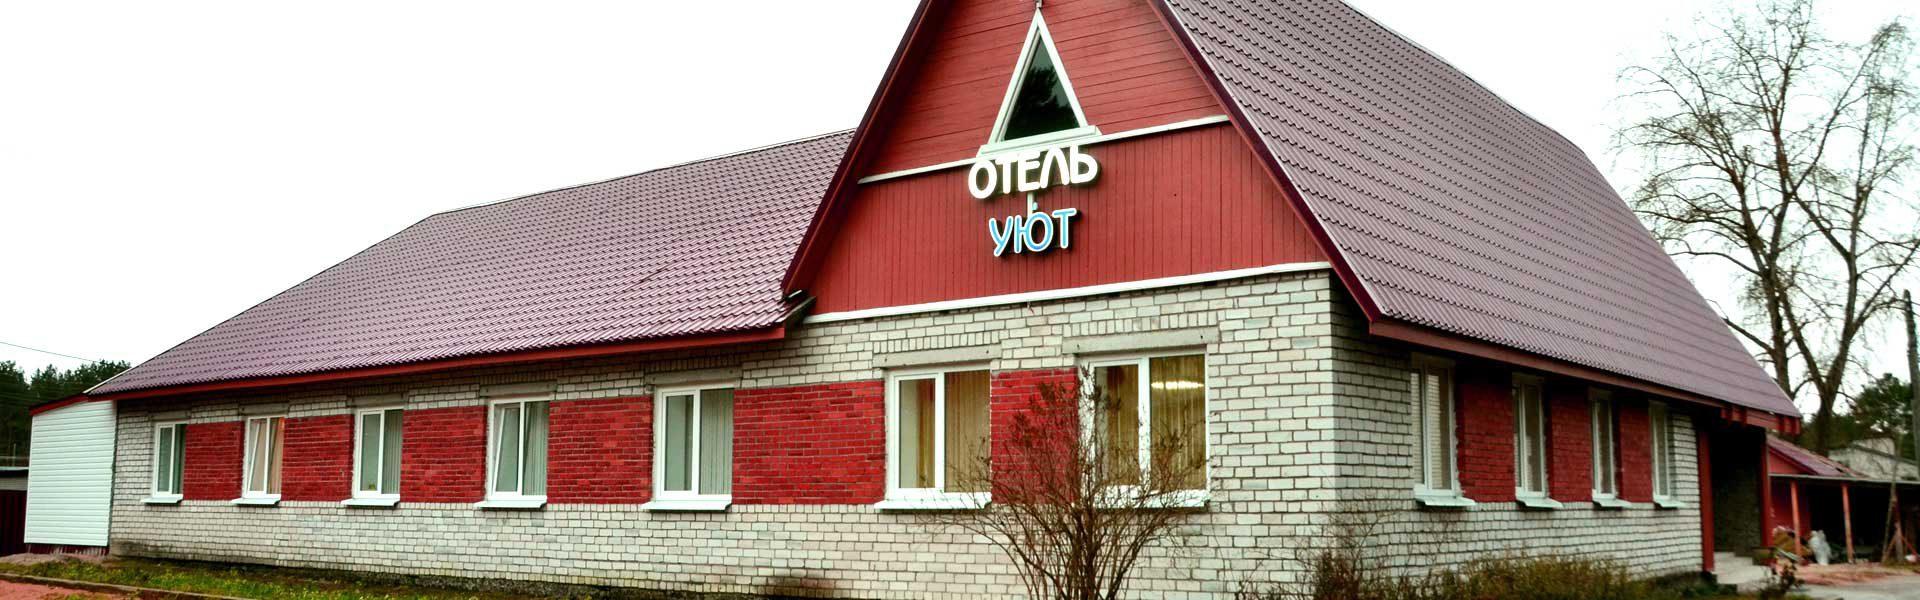 Здание гостиницы в Видлице